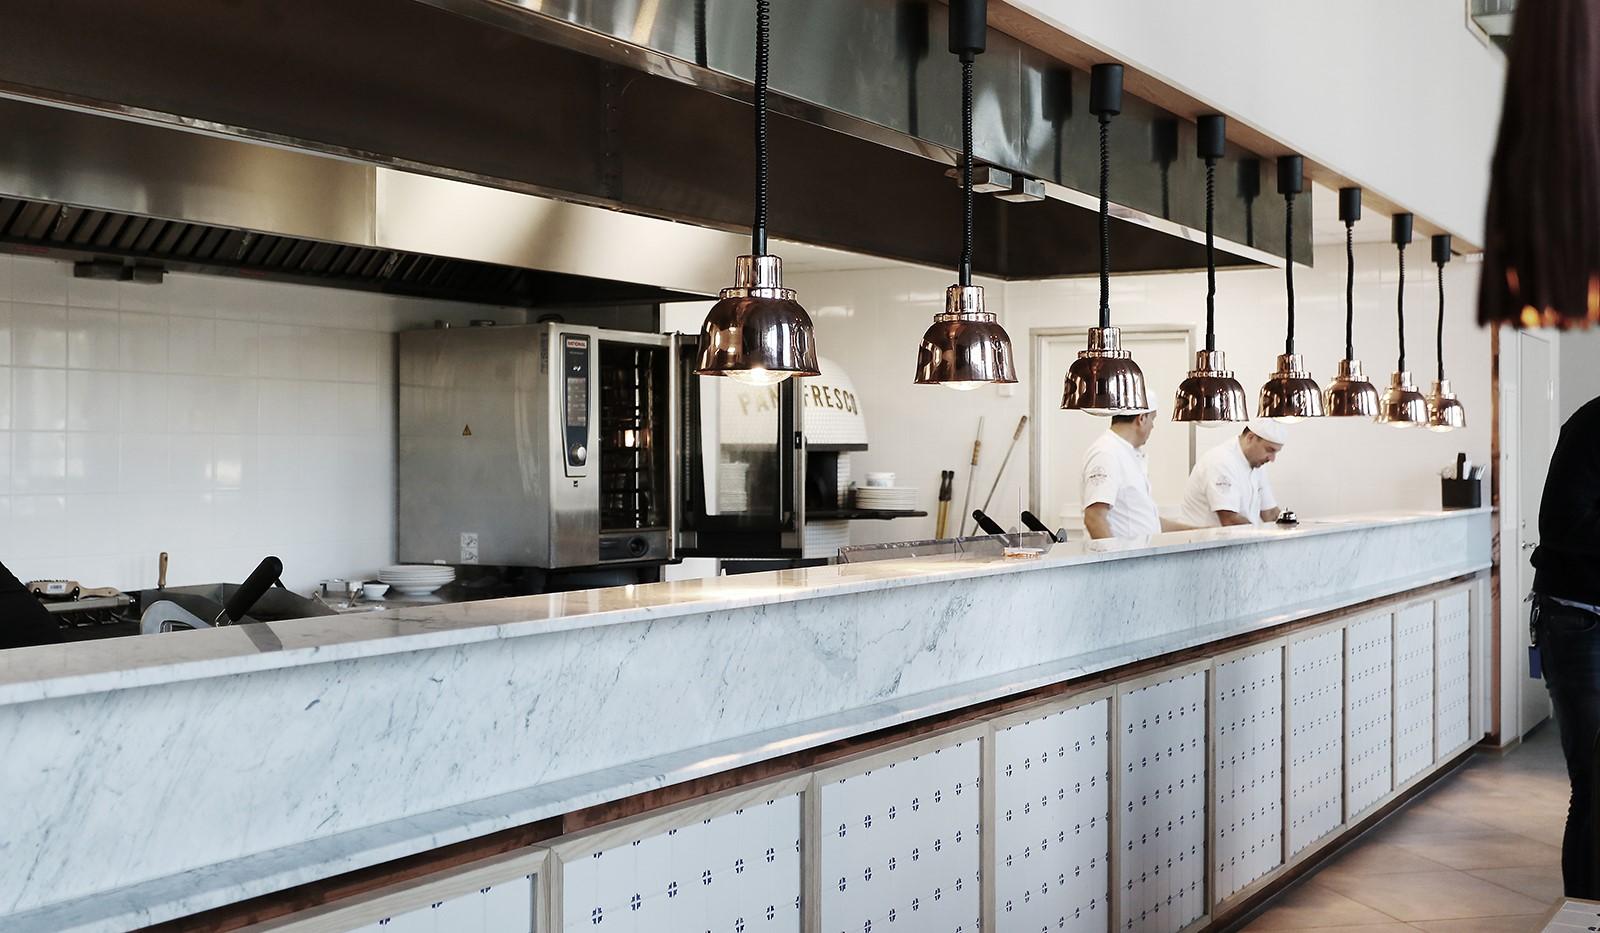 Fredriksdalsgatan 24, vån 2 - Restaurangen Pane Fresco vid kajen är värt ett besök